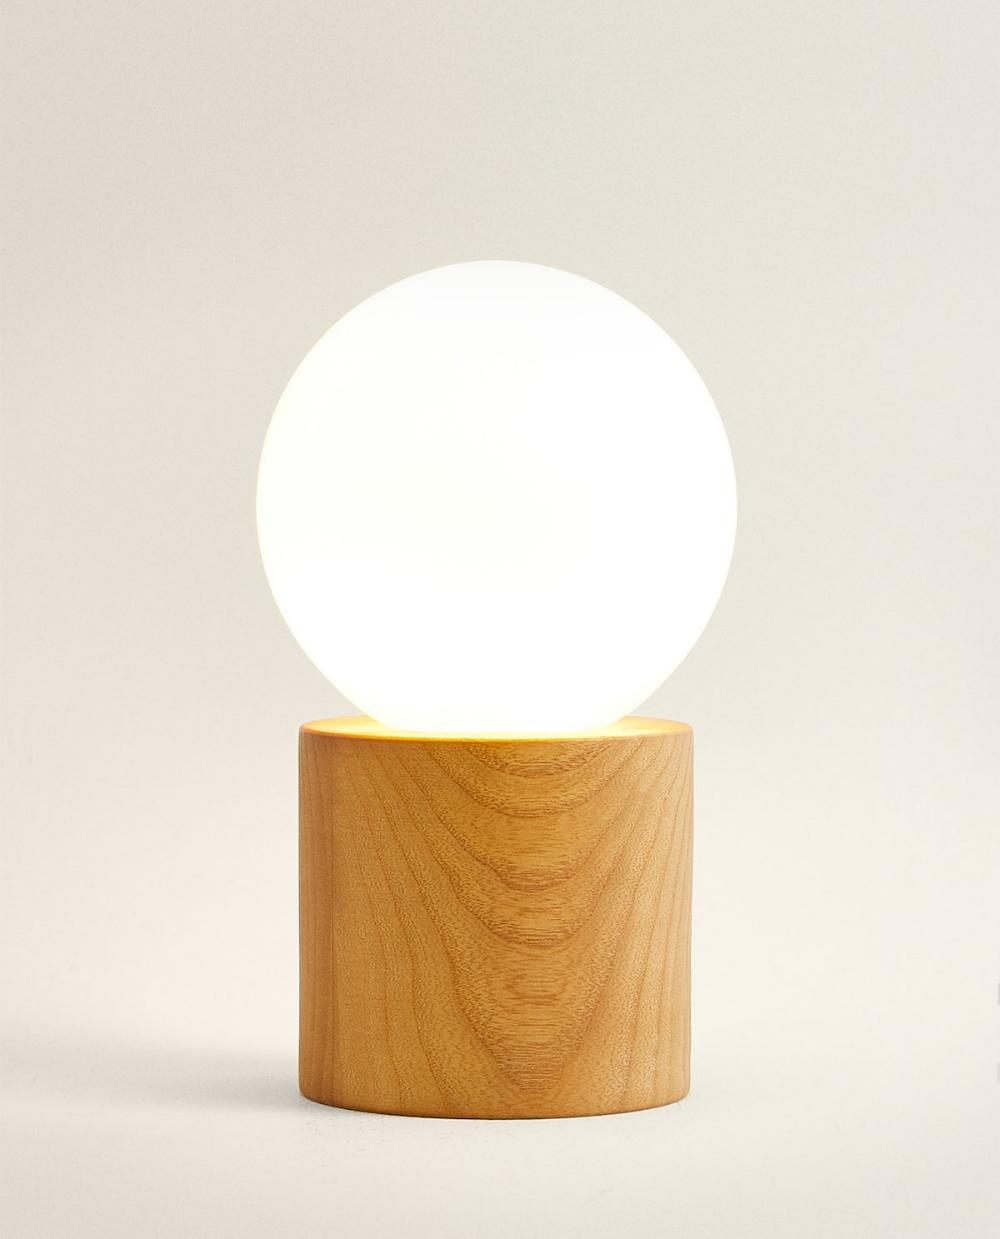 Bild 2 Des Produktes Lampe Mit Holzfuß Zara Home Lampe Beleuchtung Wohnzimmer